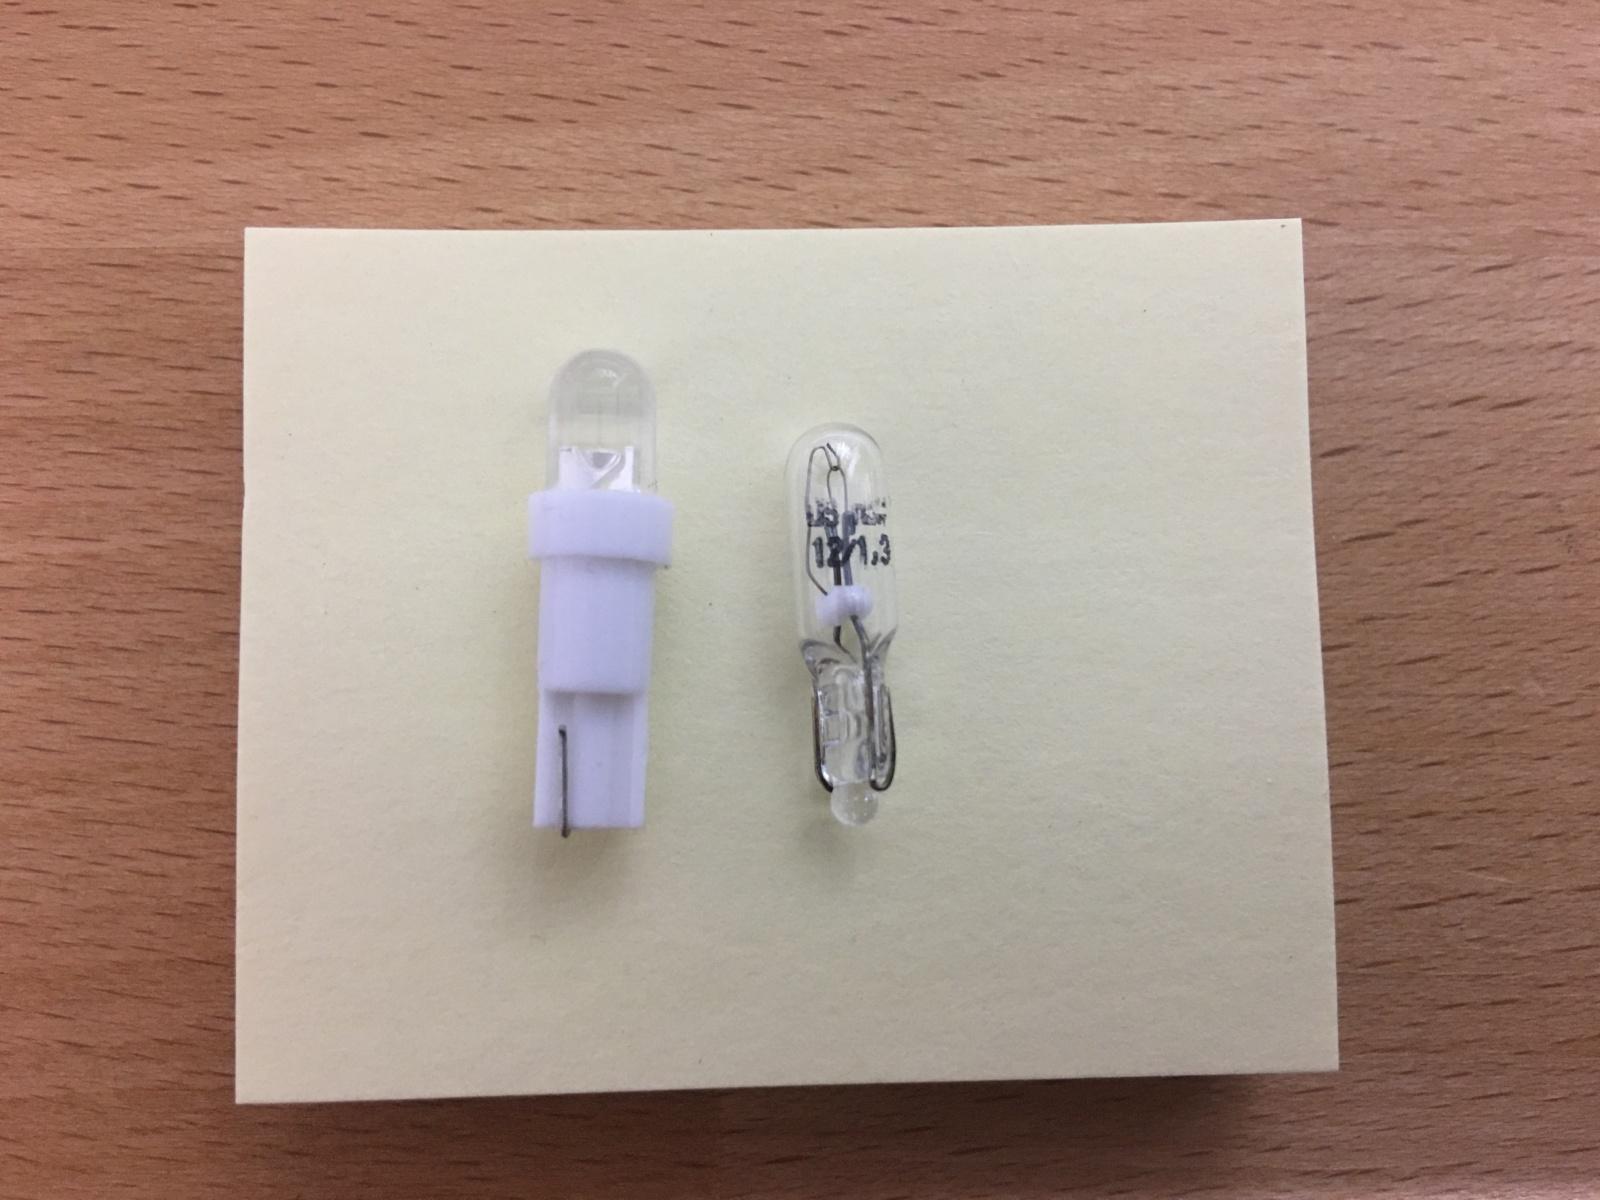 Cambiar bombillas luces cortesía sobre-puertas por LED J0idcg